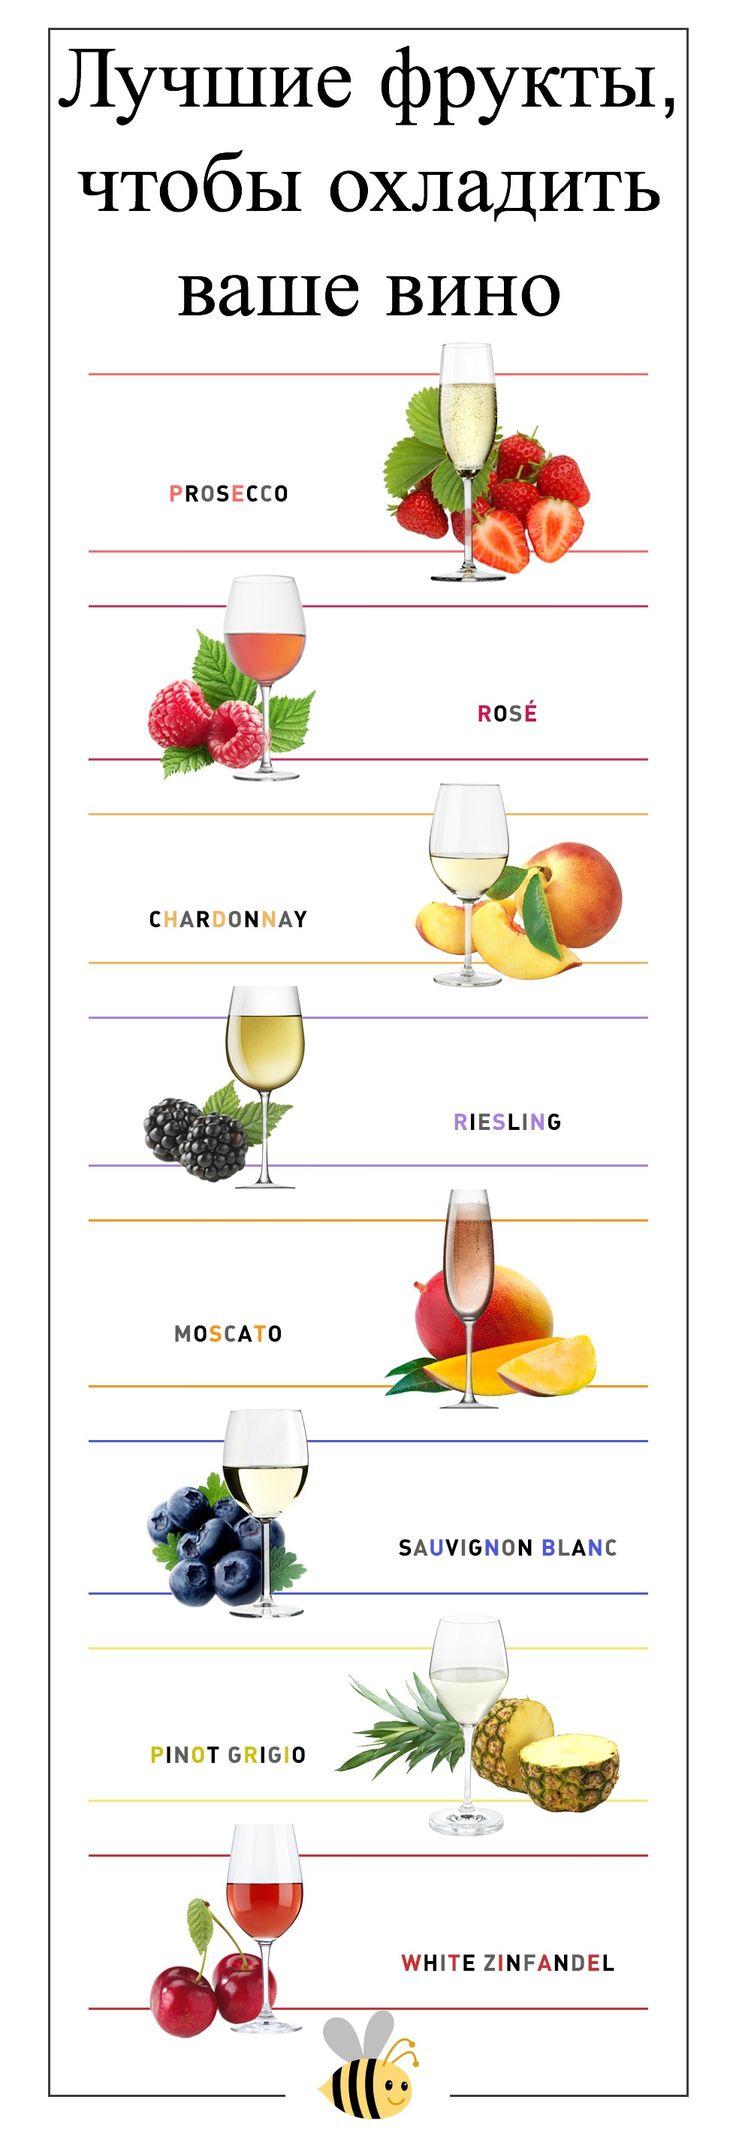 Лучший способ охладить вино - использовать замороженные фрукты! #вино #фрукты #легендакрыма #lifehack